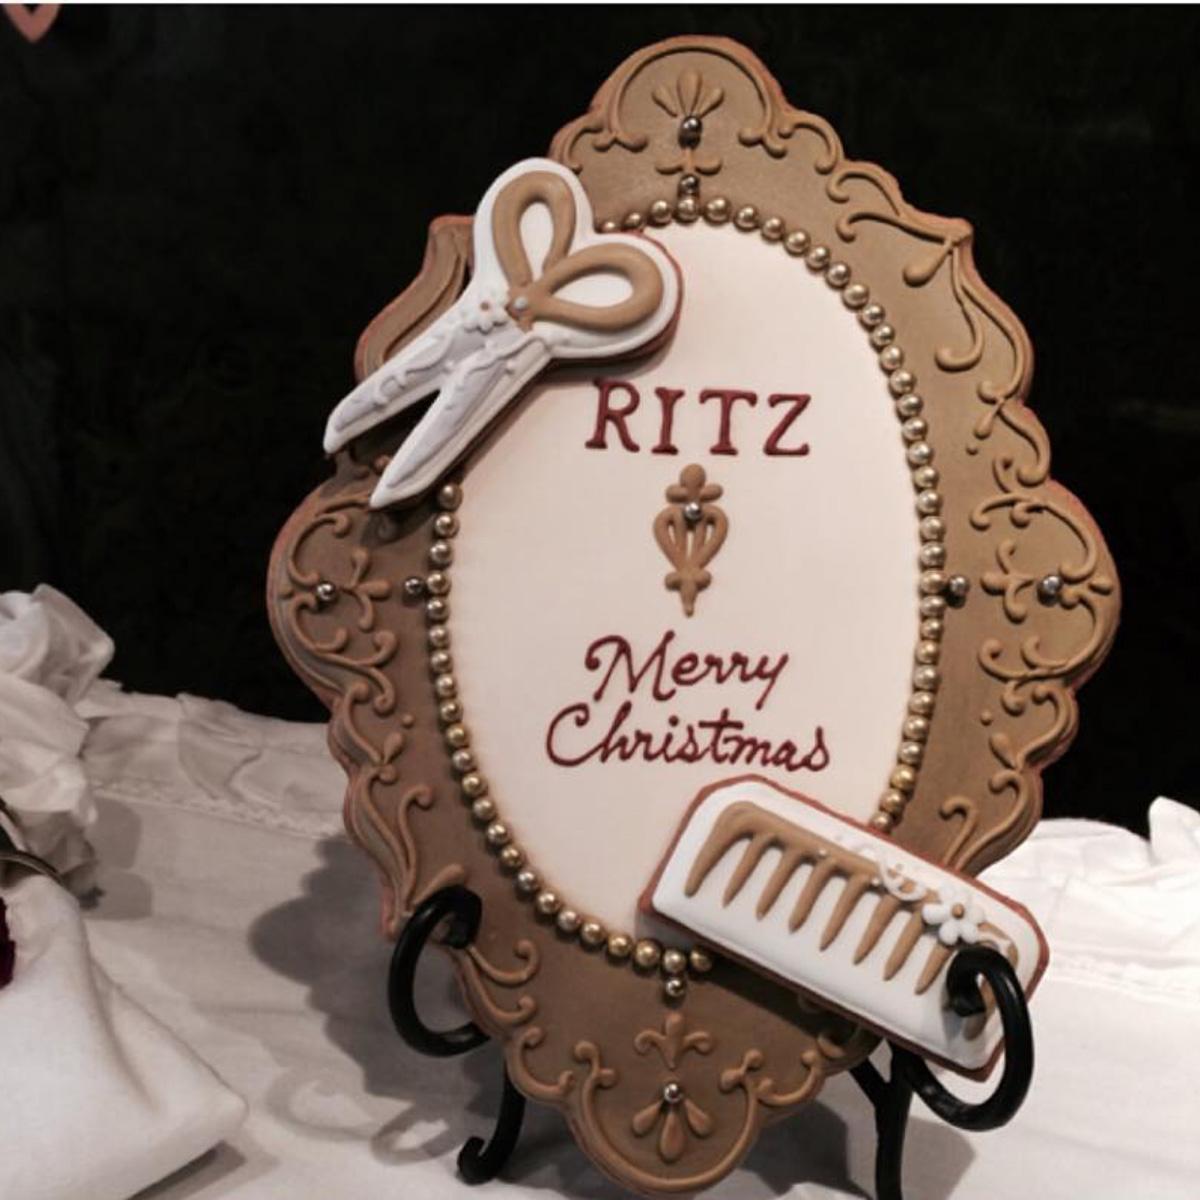 美容室「RITZ」クリスマス2016ウェルカムクッキー